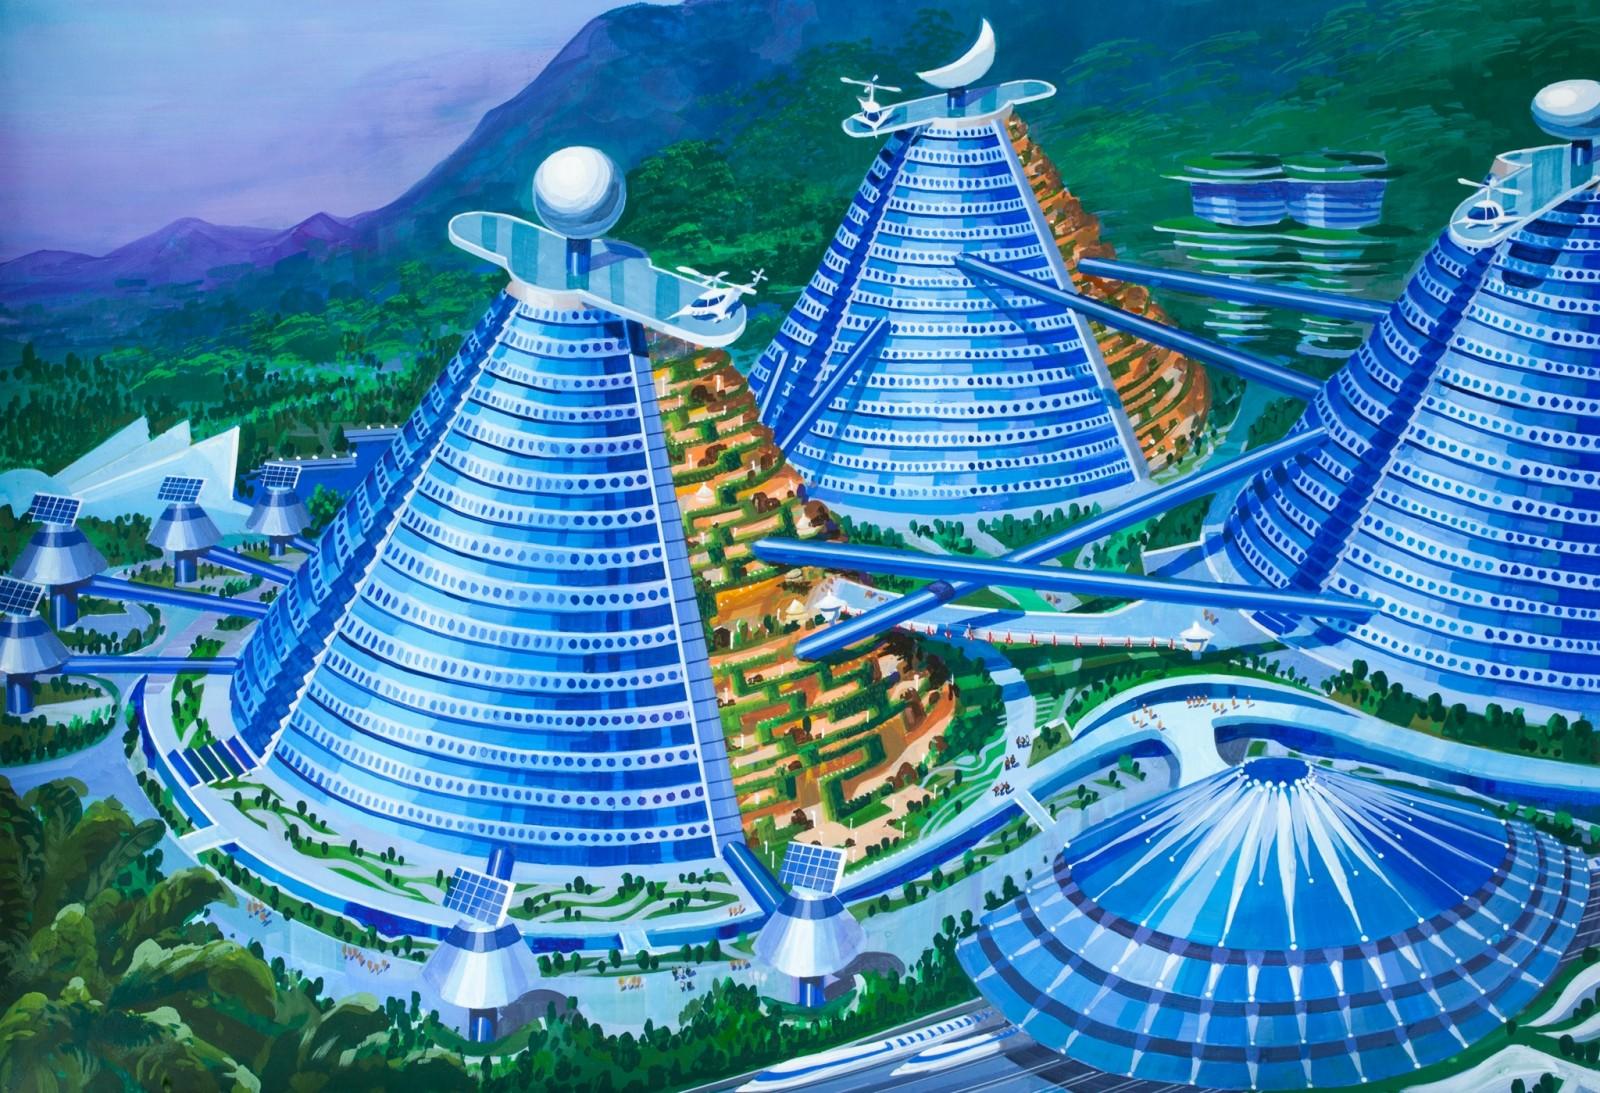 """""""Hoteles montañas cónicas"""", conectados en varios puntos por pistas de ski. Imagen cortesía de Koryo Tours"""